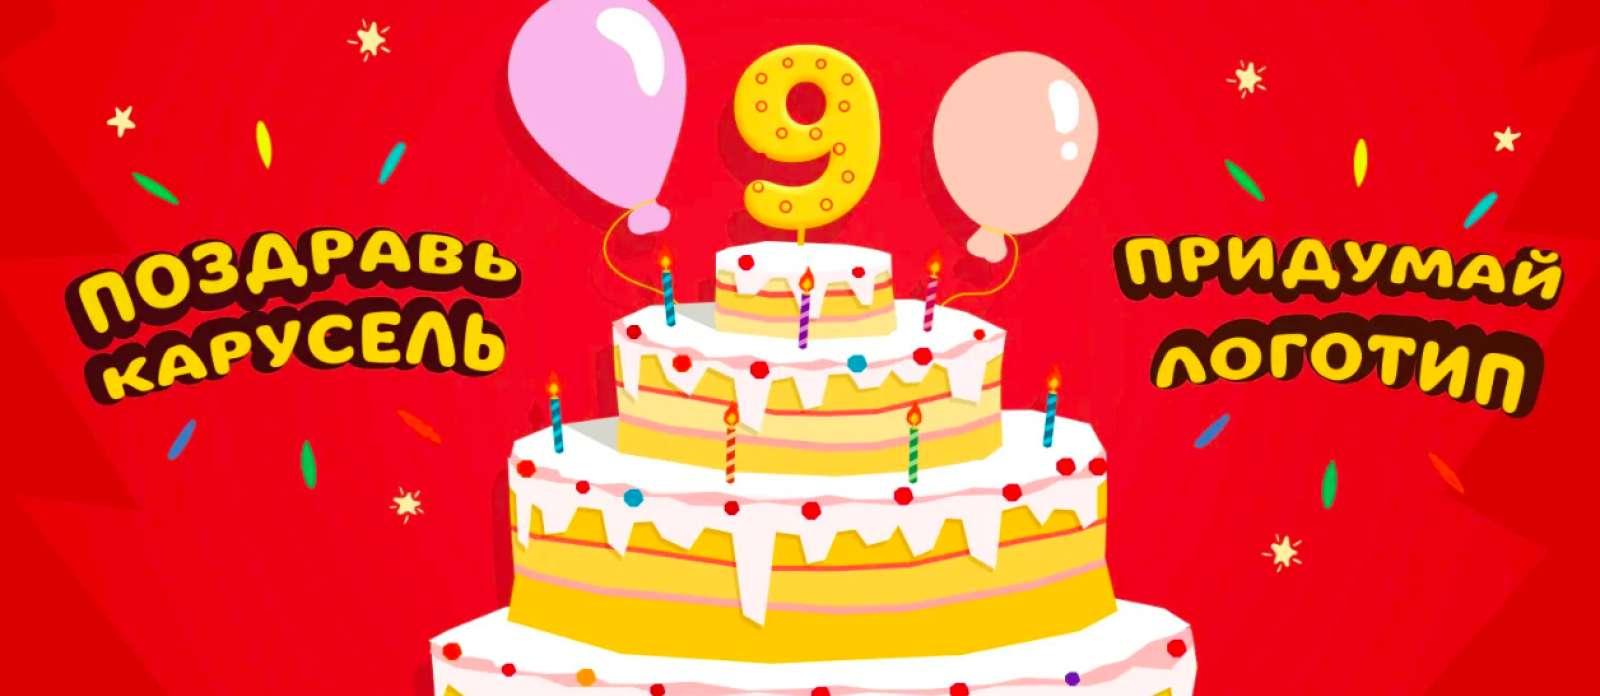 День Рождения телеканала «Карусель»! Нам 9 лет!